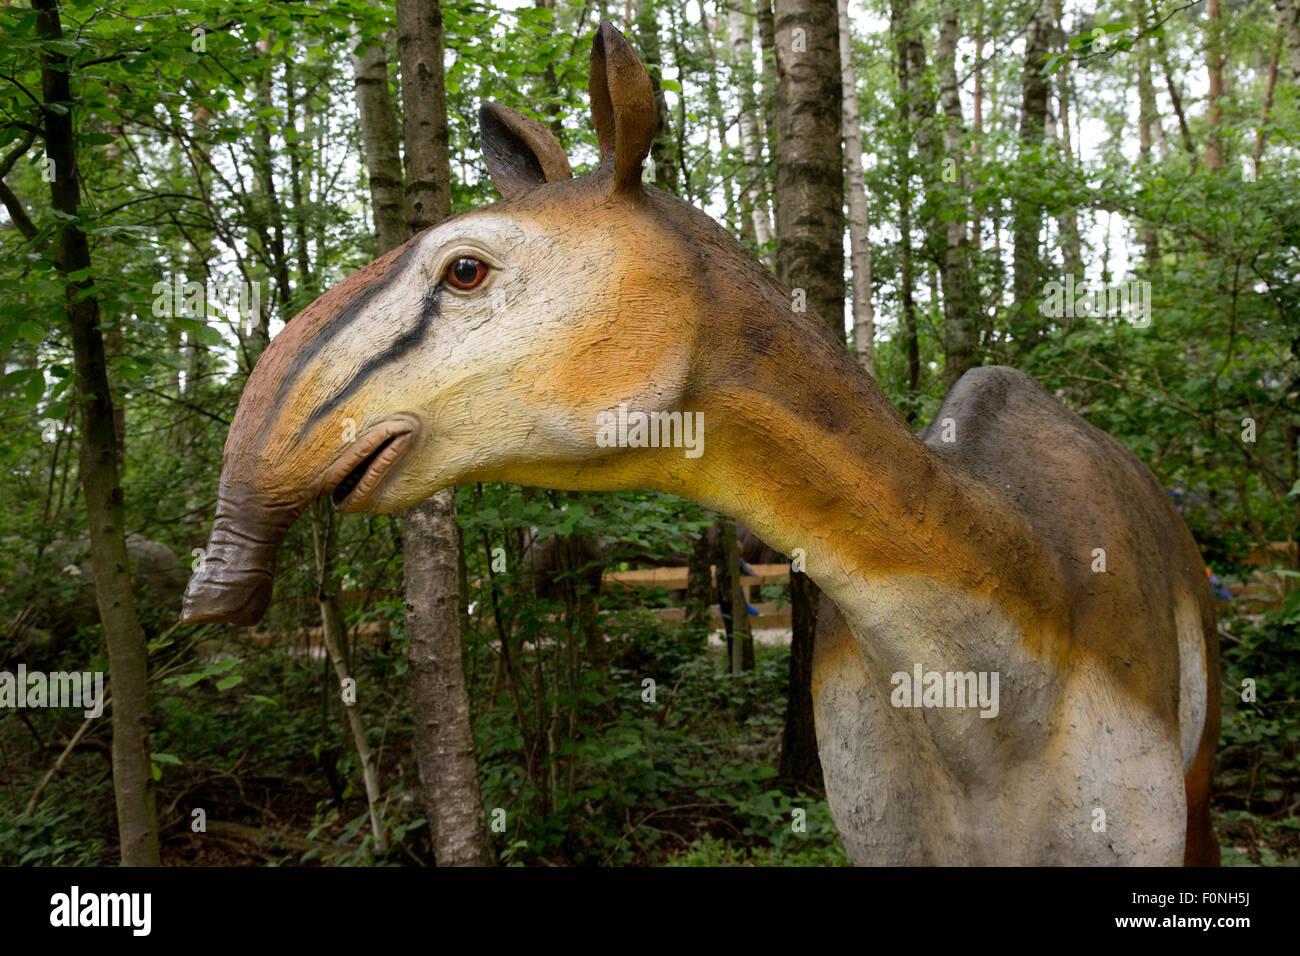 Macrauchenia a collo lungo tre estinto-toed Sud Americana ungulato mammifero Dinosaurier Park Germania Foto Stock